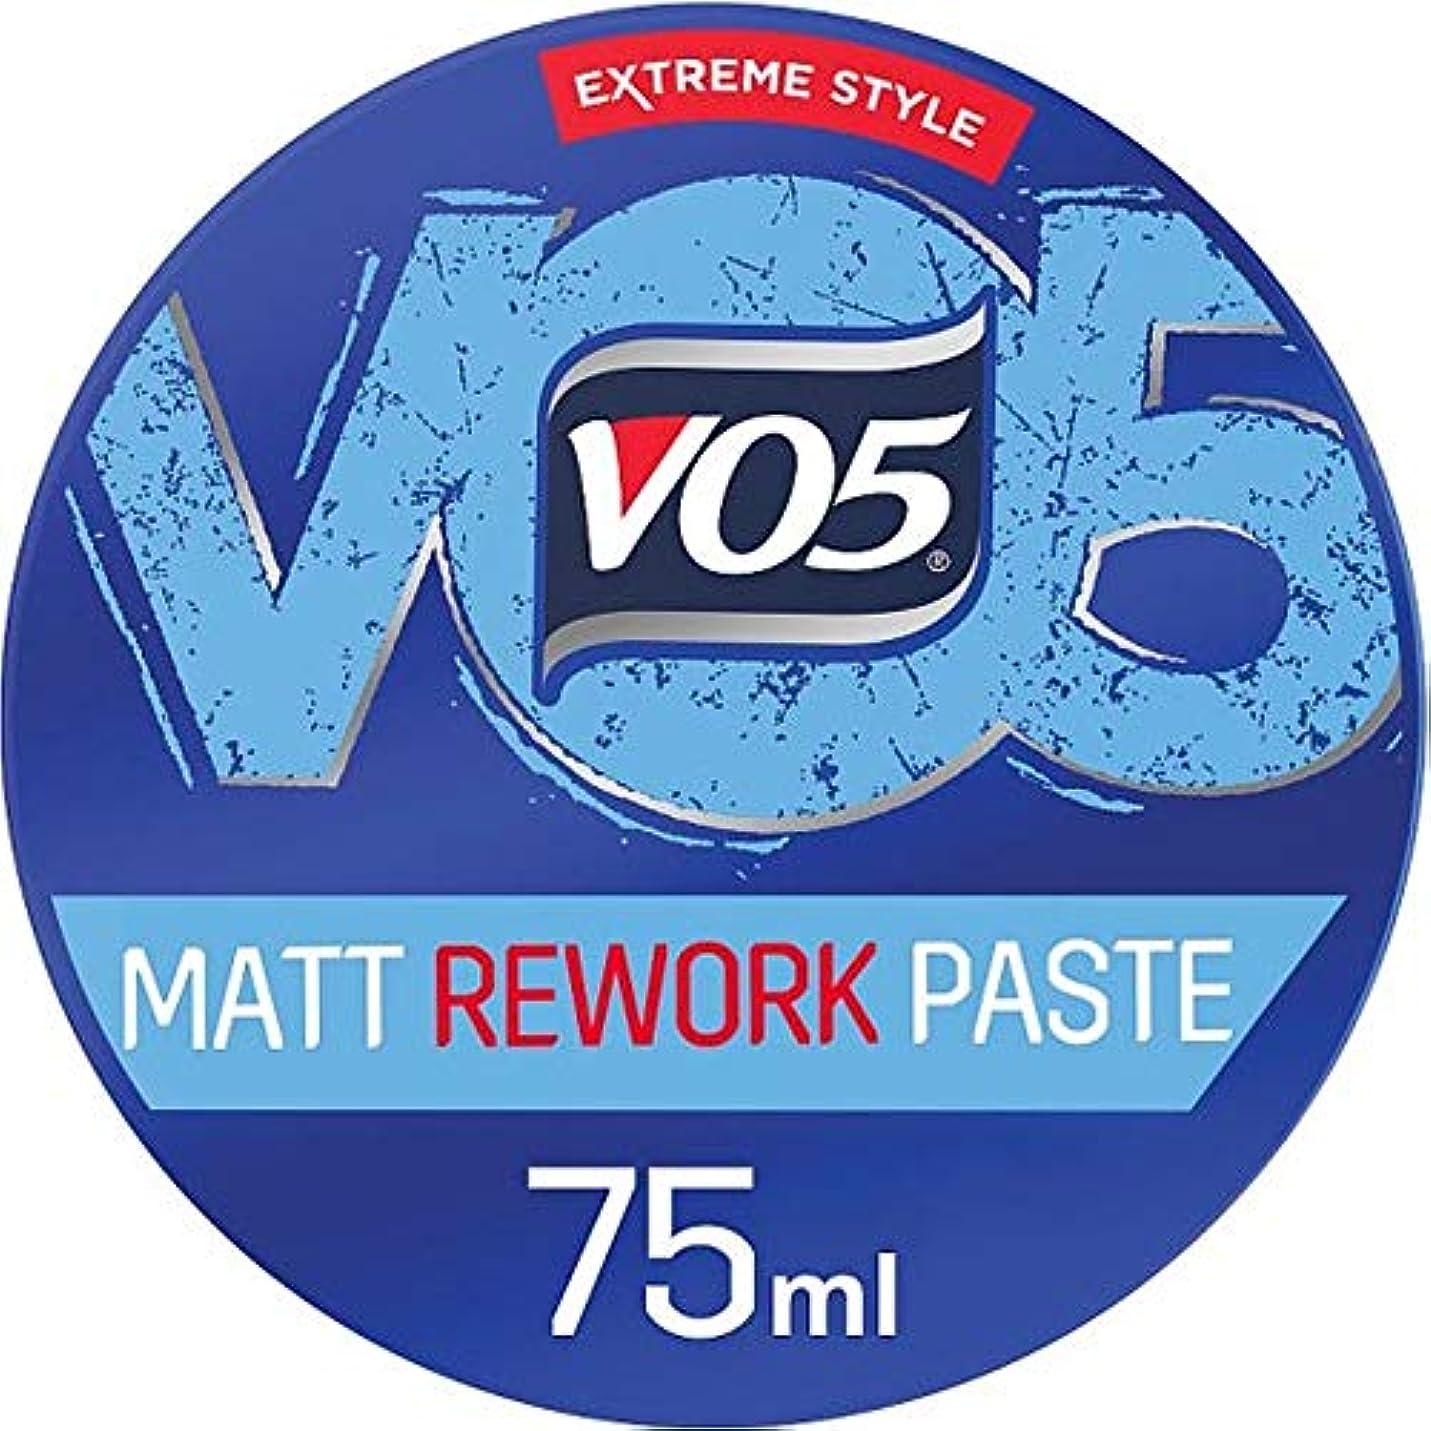 発見輸送エンコミウム[Vo5] Vo5極端なスタイルマットリワークペースト75ミリリットル - Vo5 Extreme Style Matte Rework Paste 75Ml [並行輸入品]